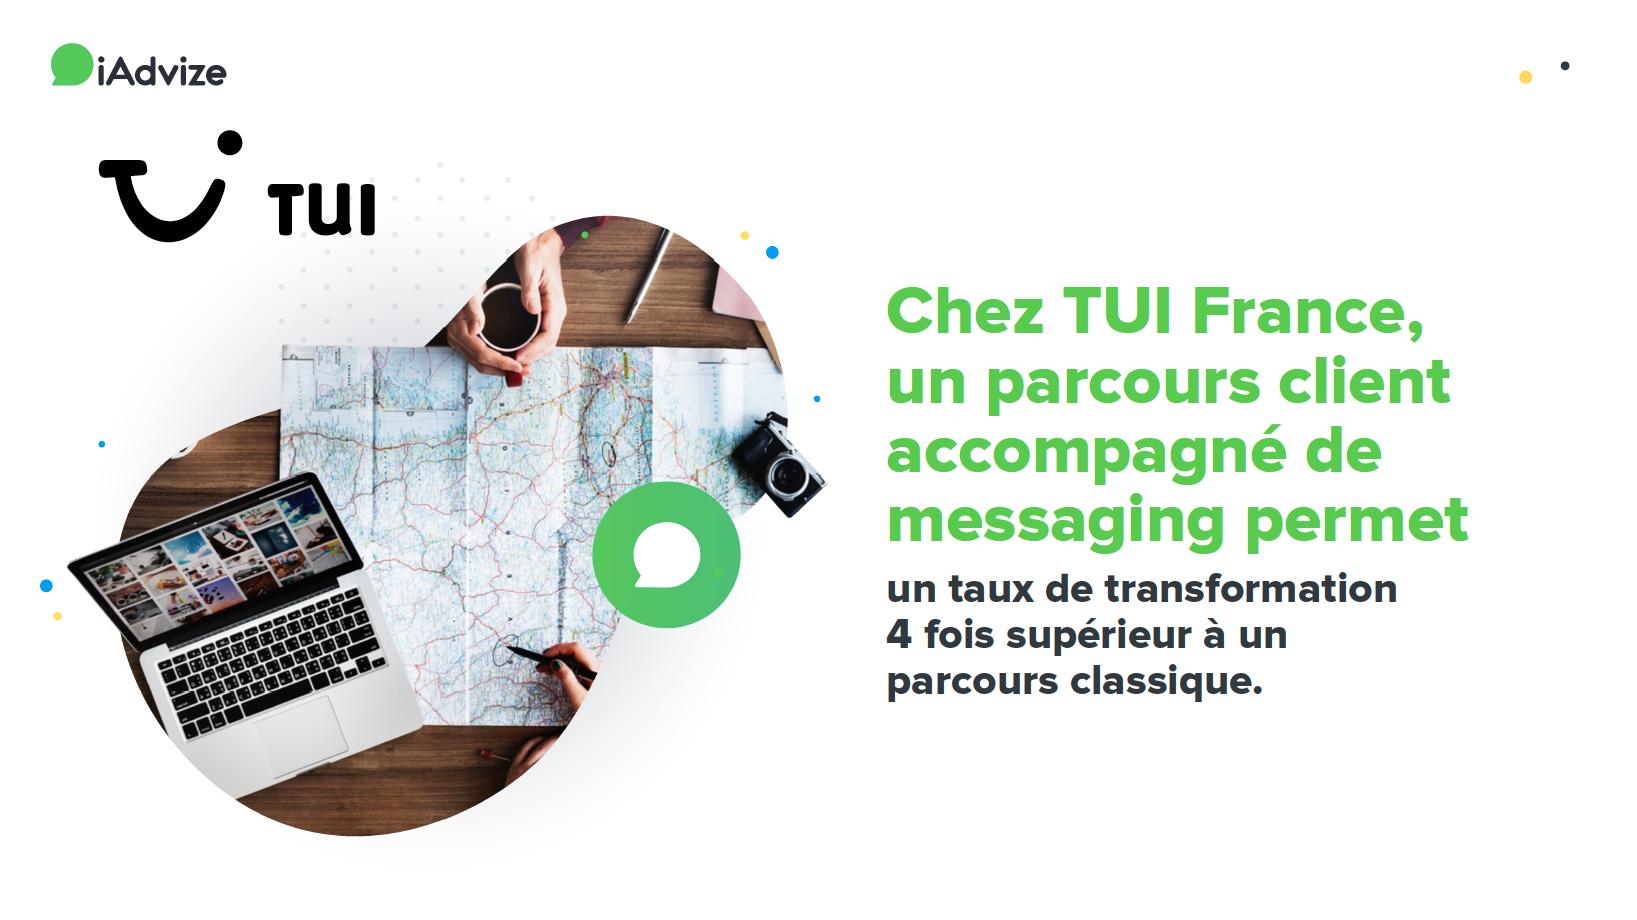 Etude de cas TUI : Chez TUI France, un parcours client accompagné de messaging permet un taux de transformation 4 fois supérieur à un parcours classique